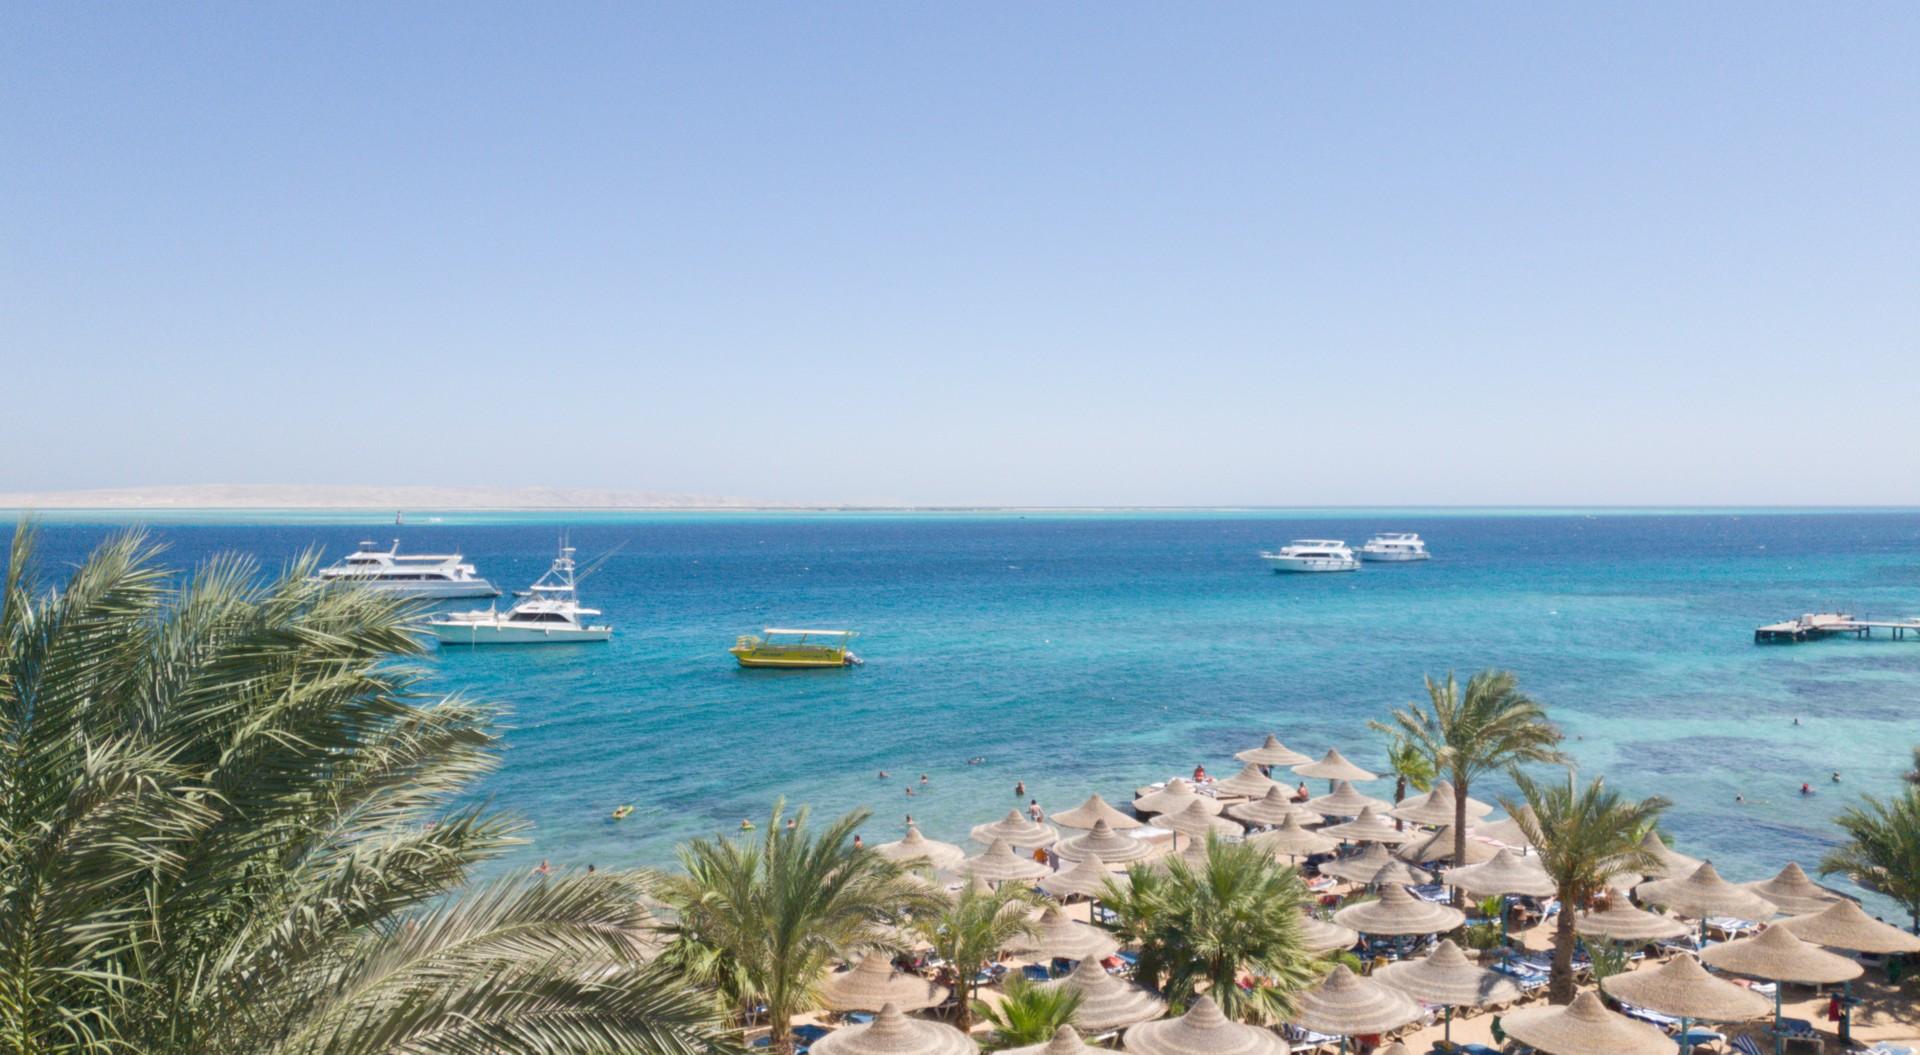 Egypt's Red Sea coas